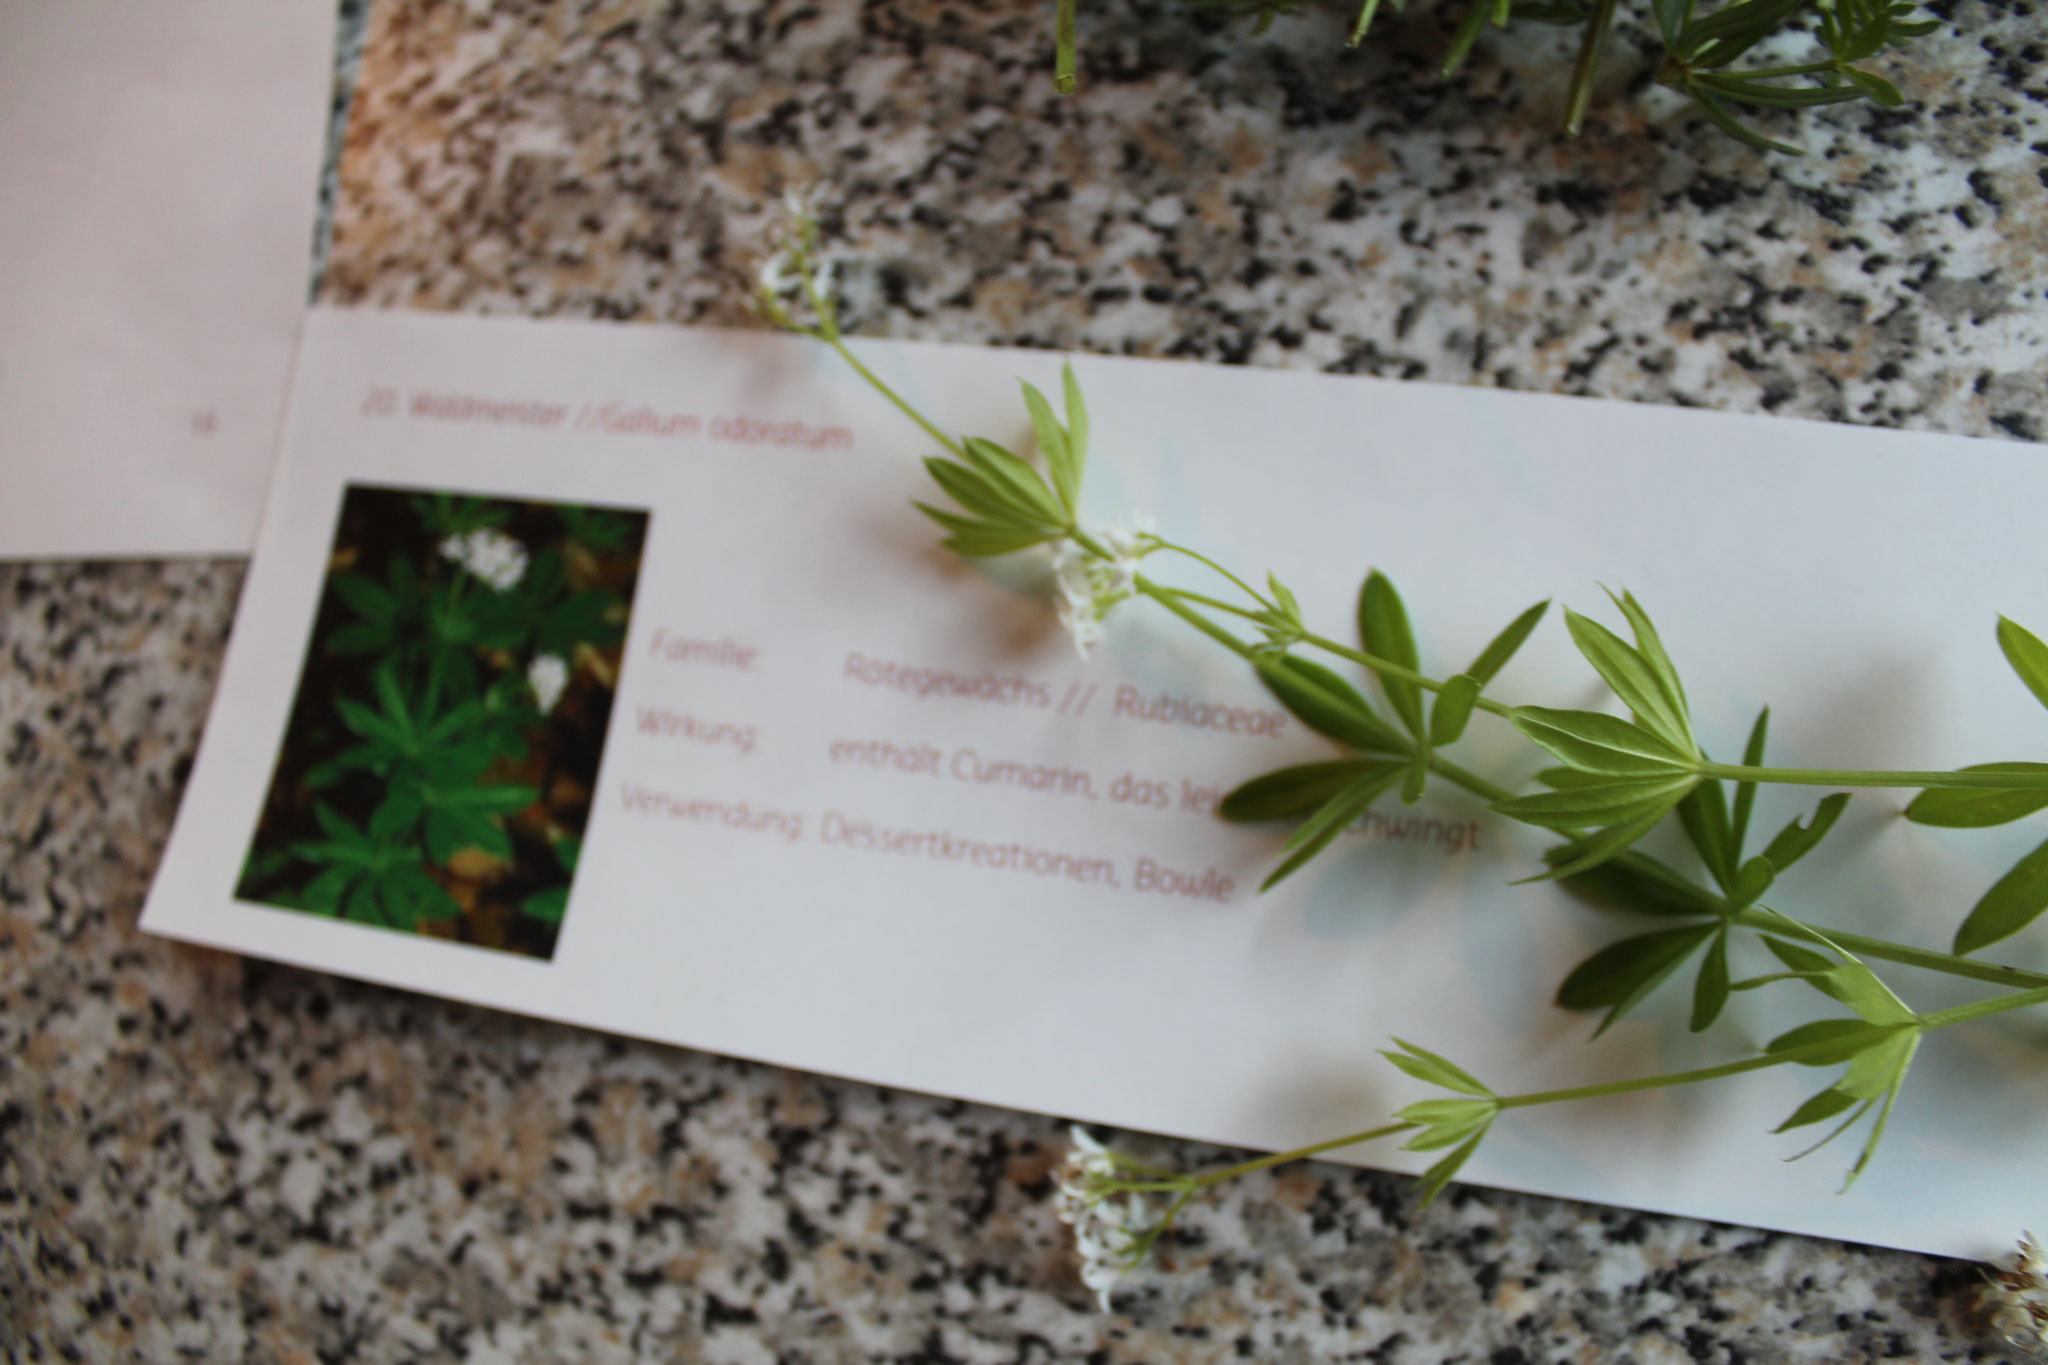 Das Detail eines Pflanzenporträts, womit wir lernen werden